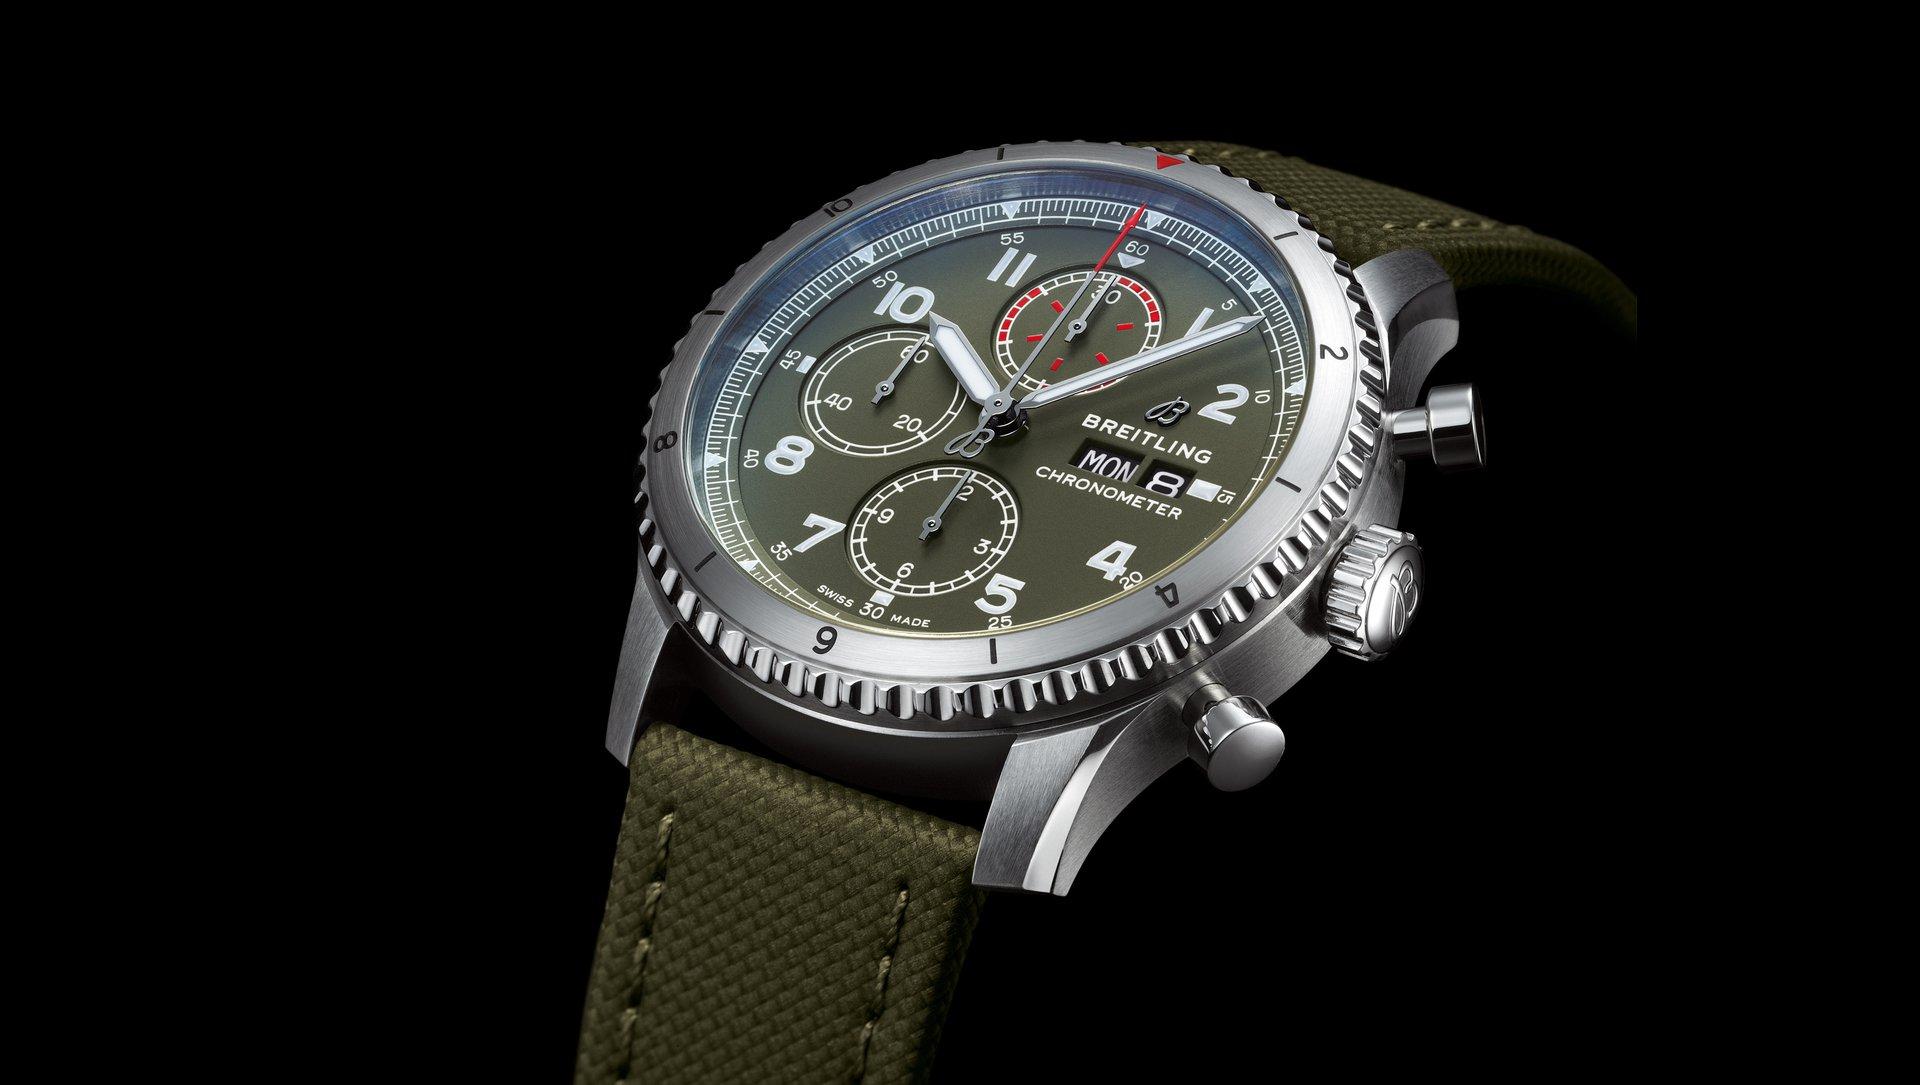 Naziv: 07_aviator-8-chronograph-43-curtiss-warhawk_20837_15-02-19.jpg, pregleda: 167, veličina: 161,4 KB